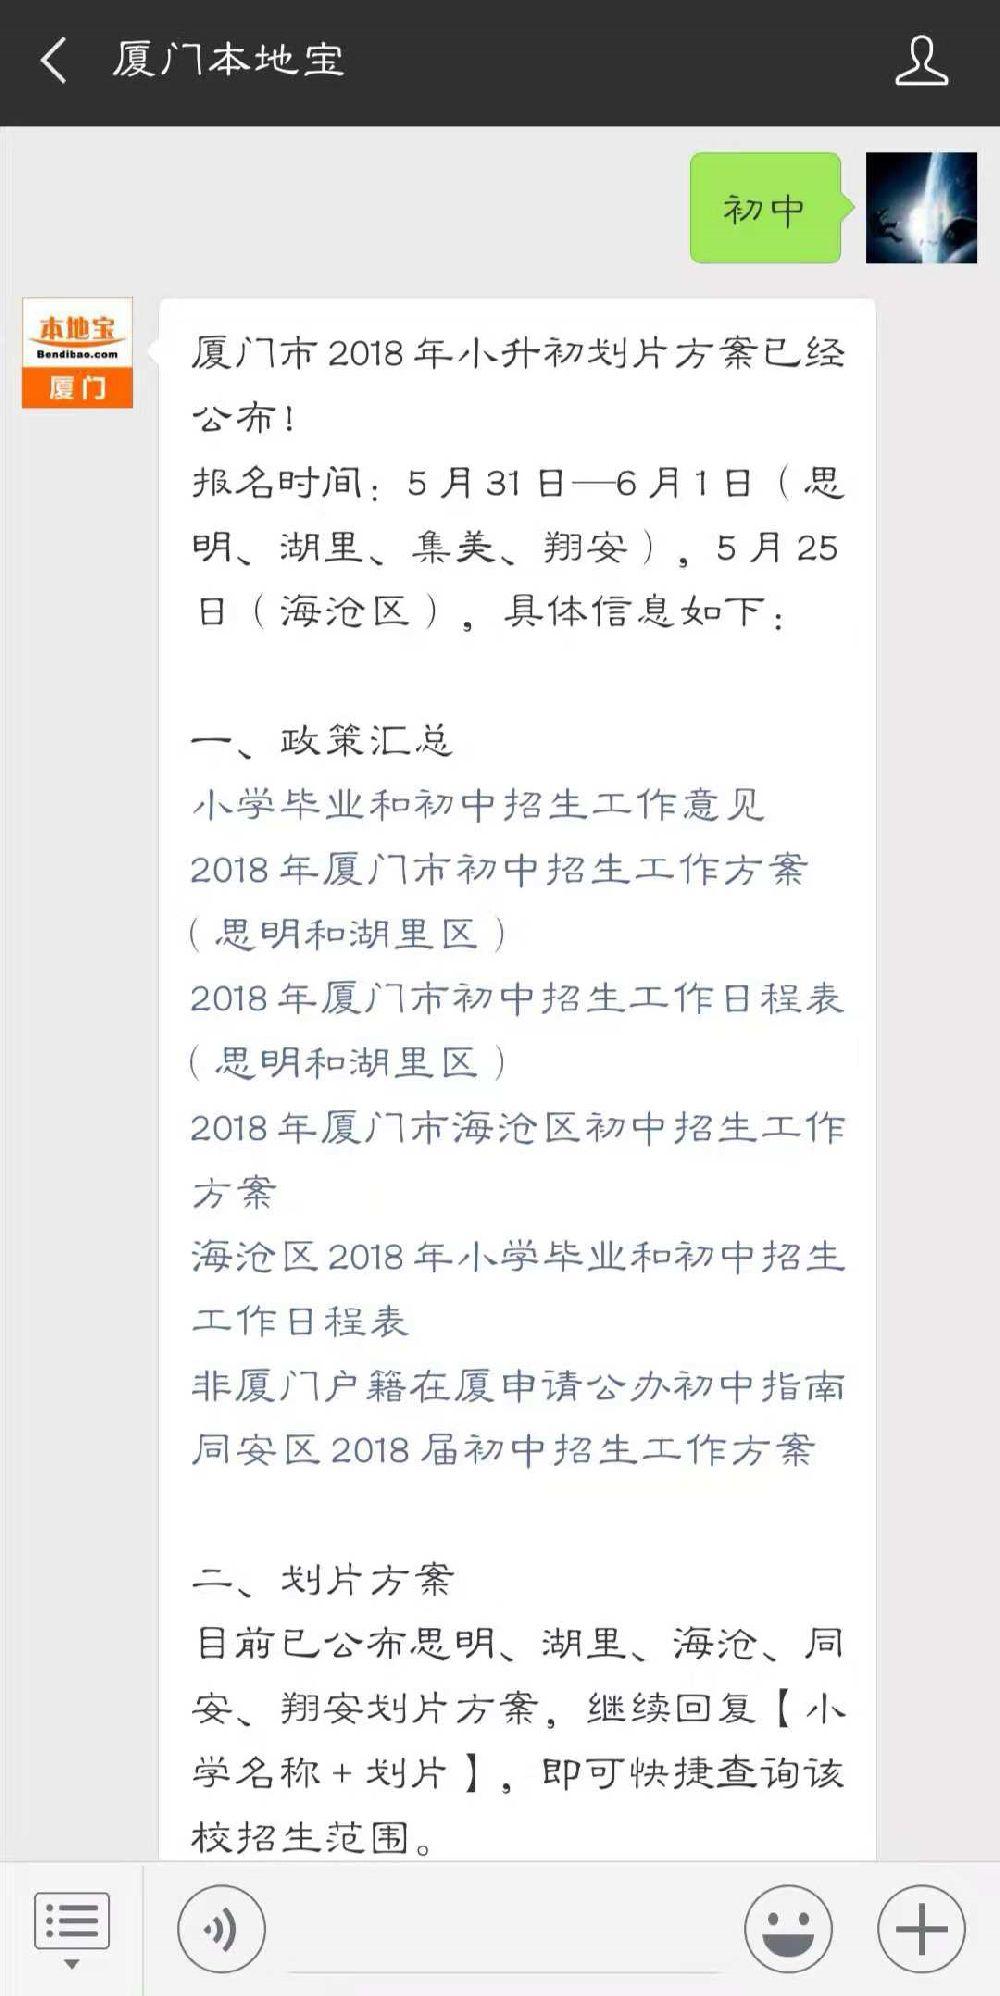 厦门全日制中小学2019-2020年度校历表